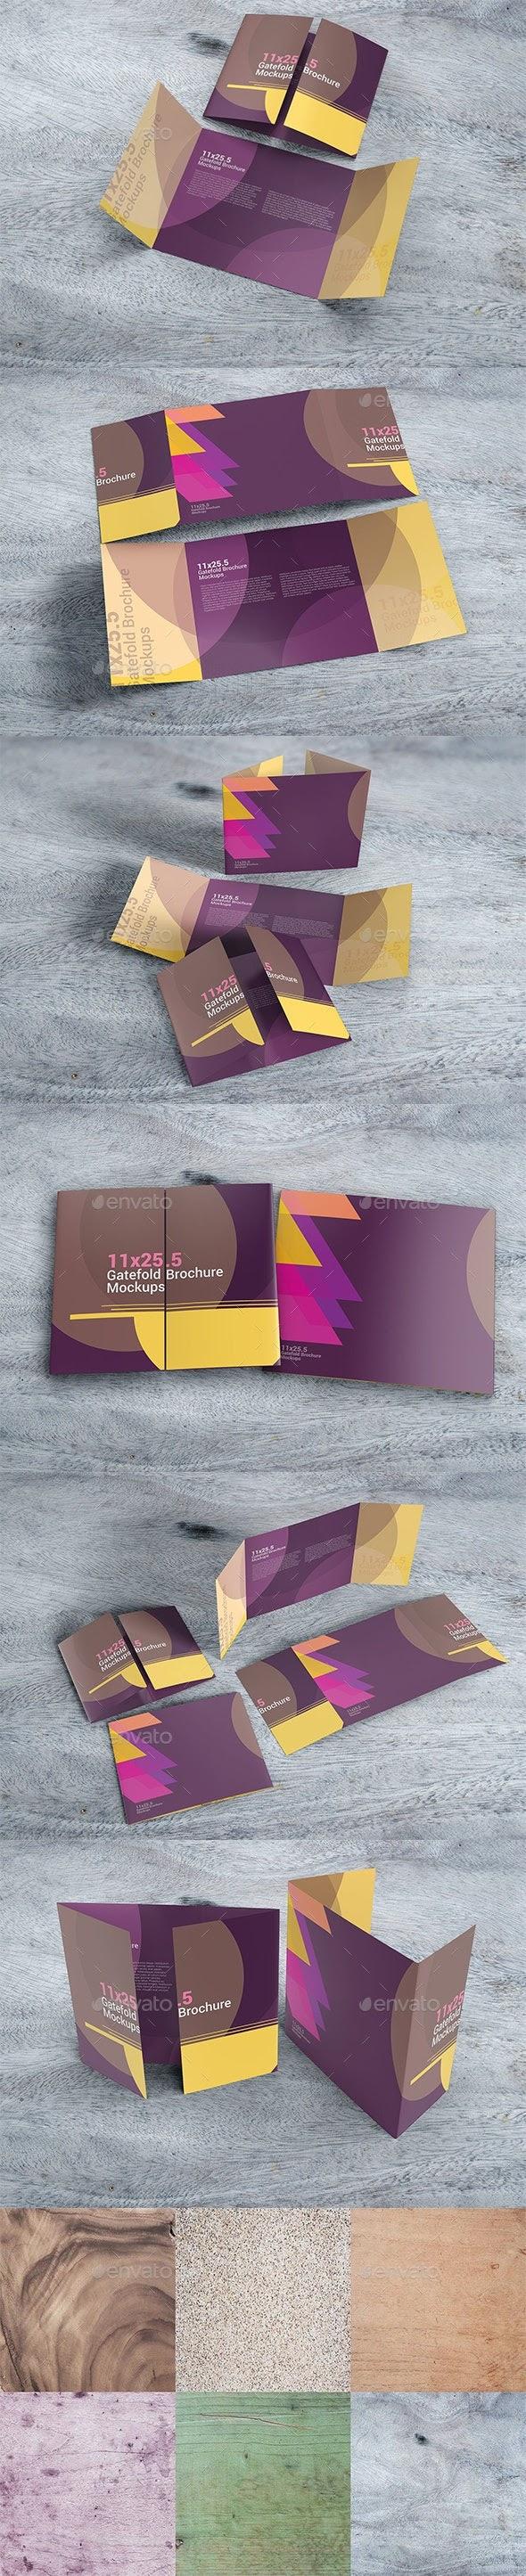 Super Print Mockups - 11×25.5 Gatefold Brochure Mockups